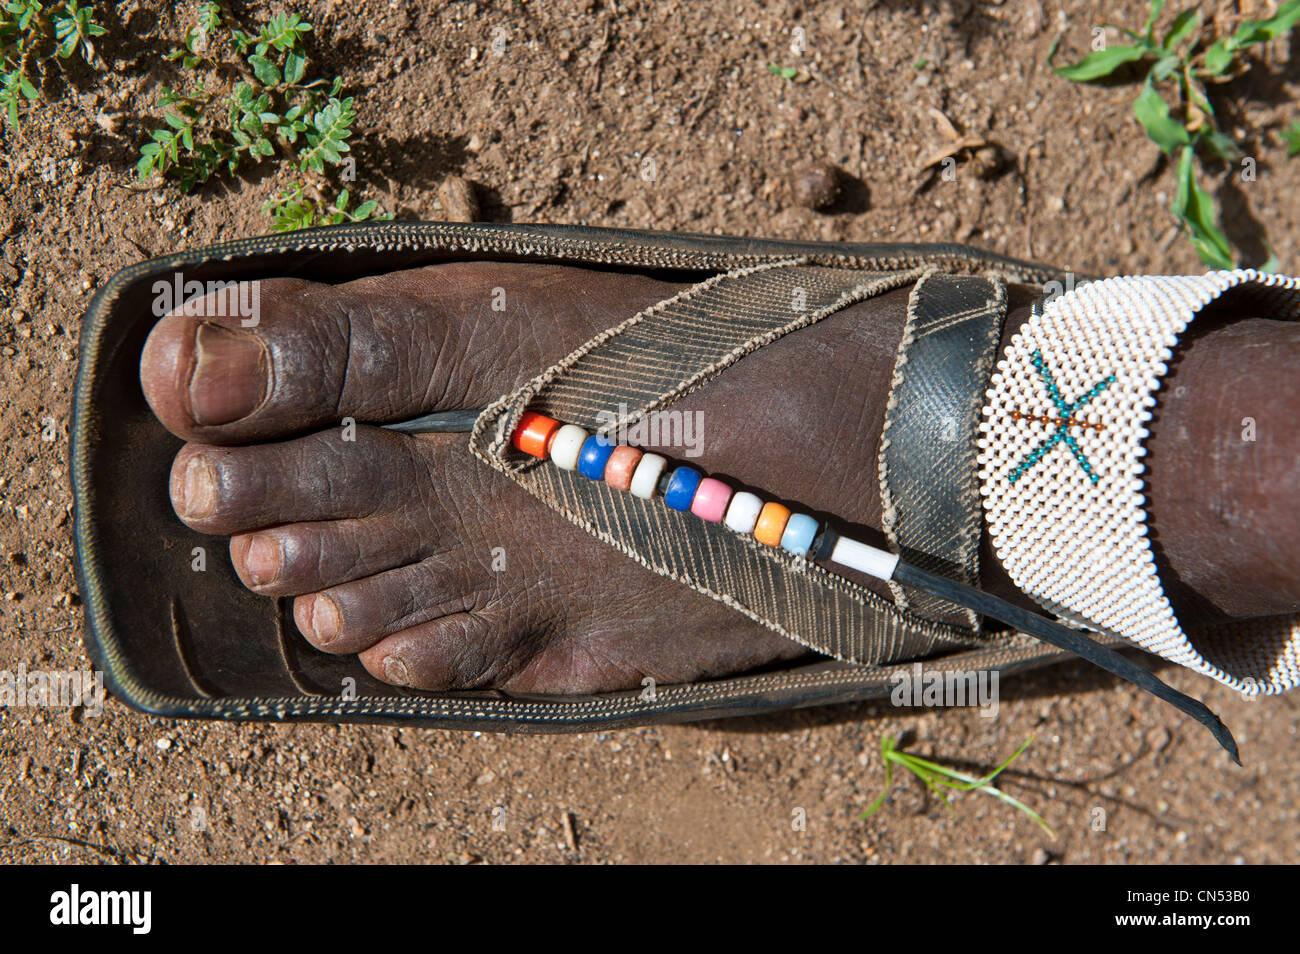 Tanzania, Arusha region, Maasai country, Longido Volcano, detail of a Maasai shoe - Stock Image